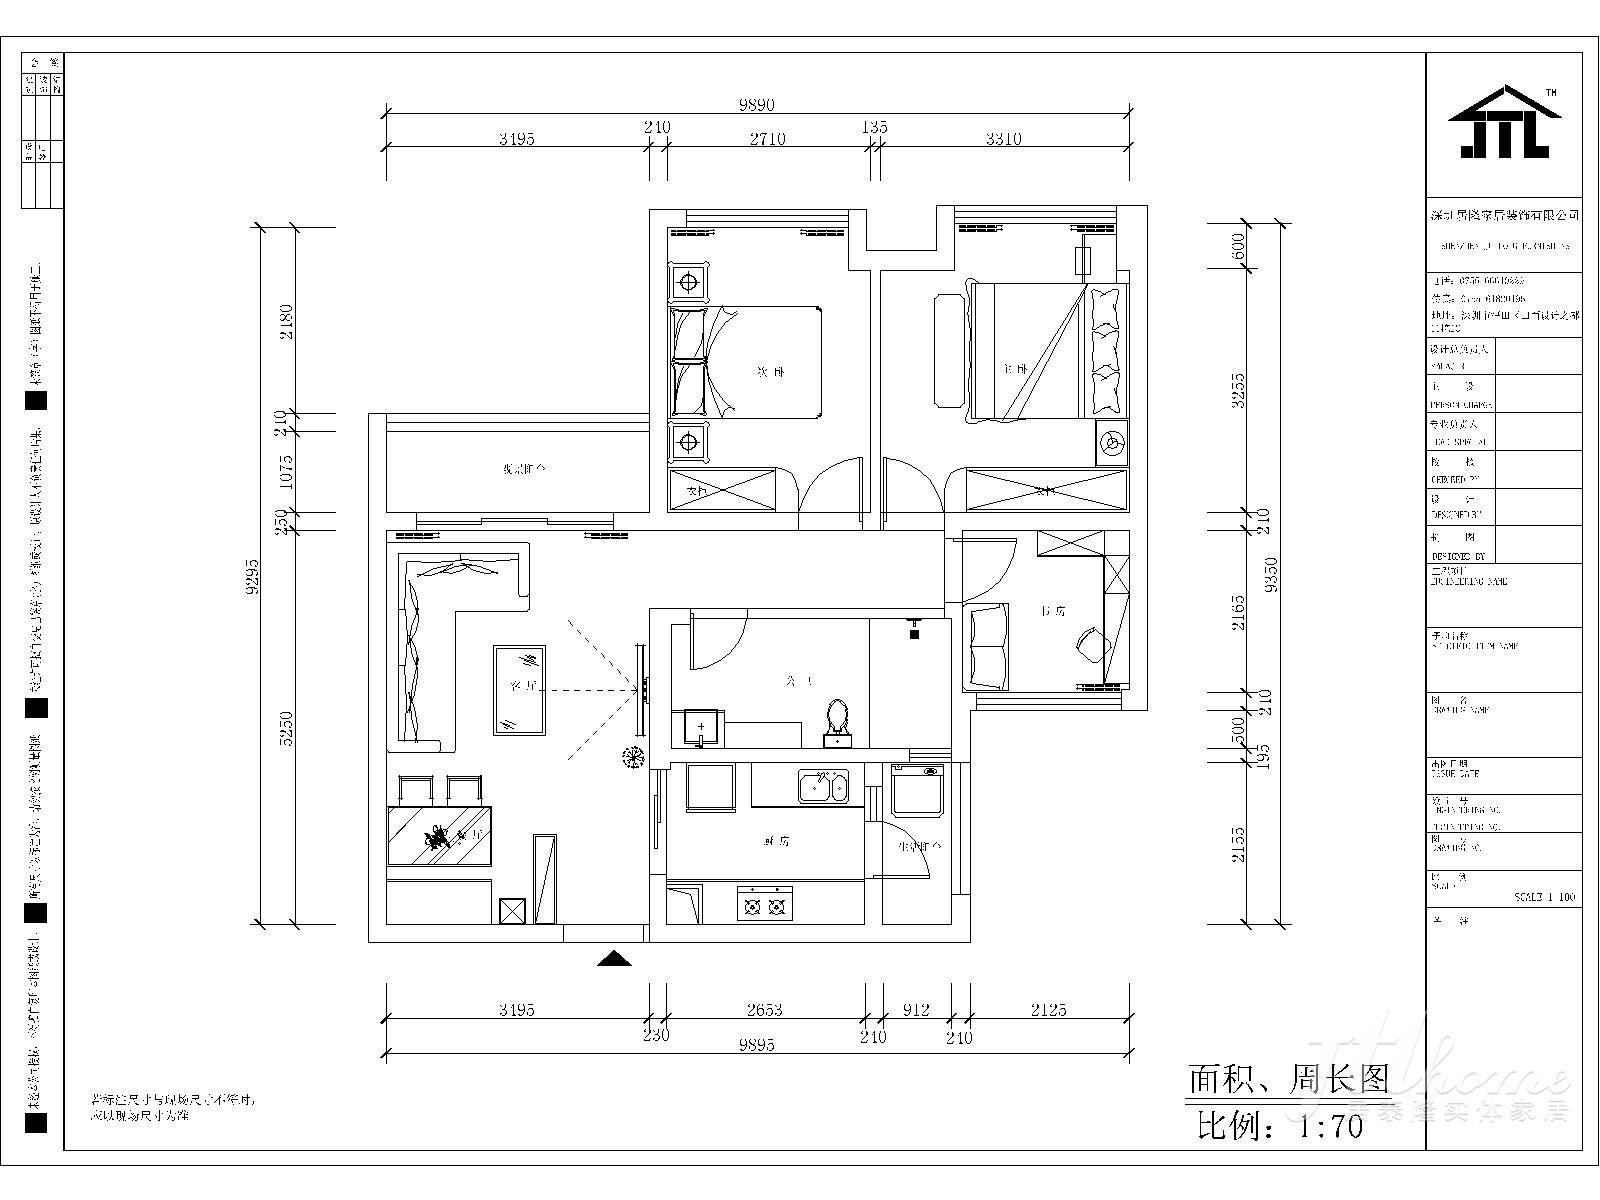 简约 三居 宜居 舒适 温馨 户型图图片来自居泰隆深圳在振业天峦 现代简约 三居室的分享